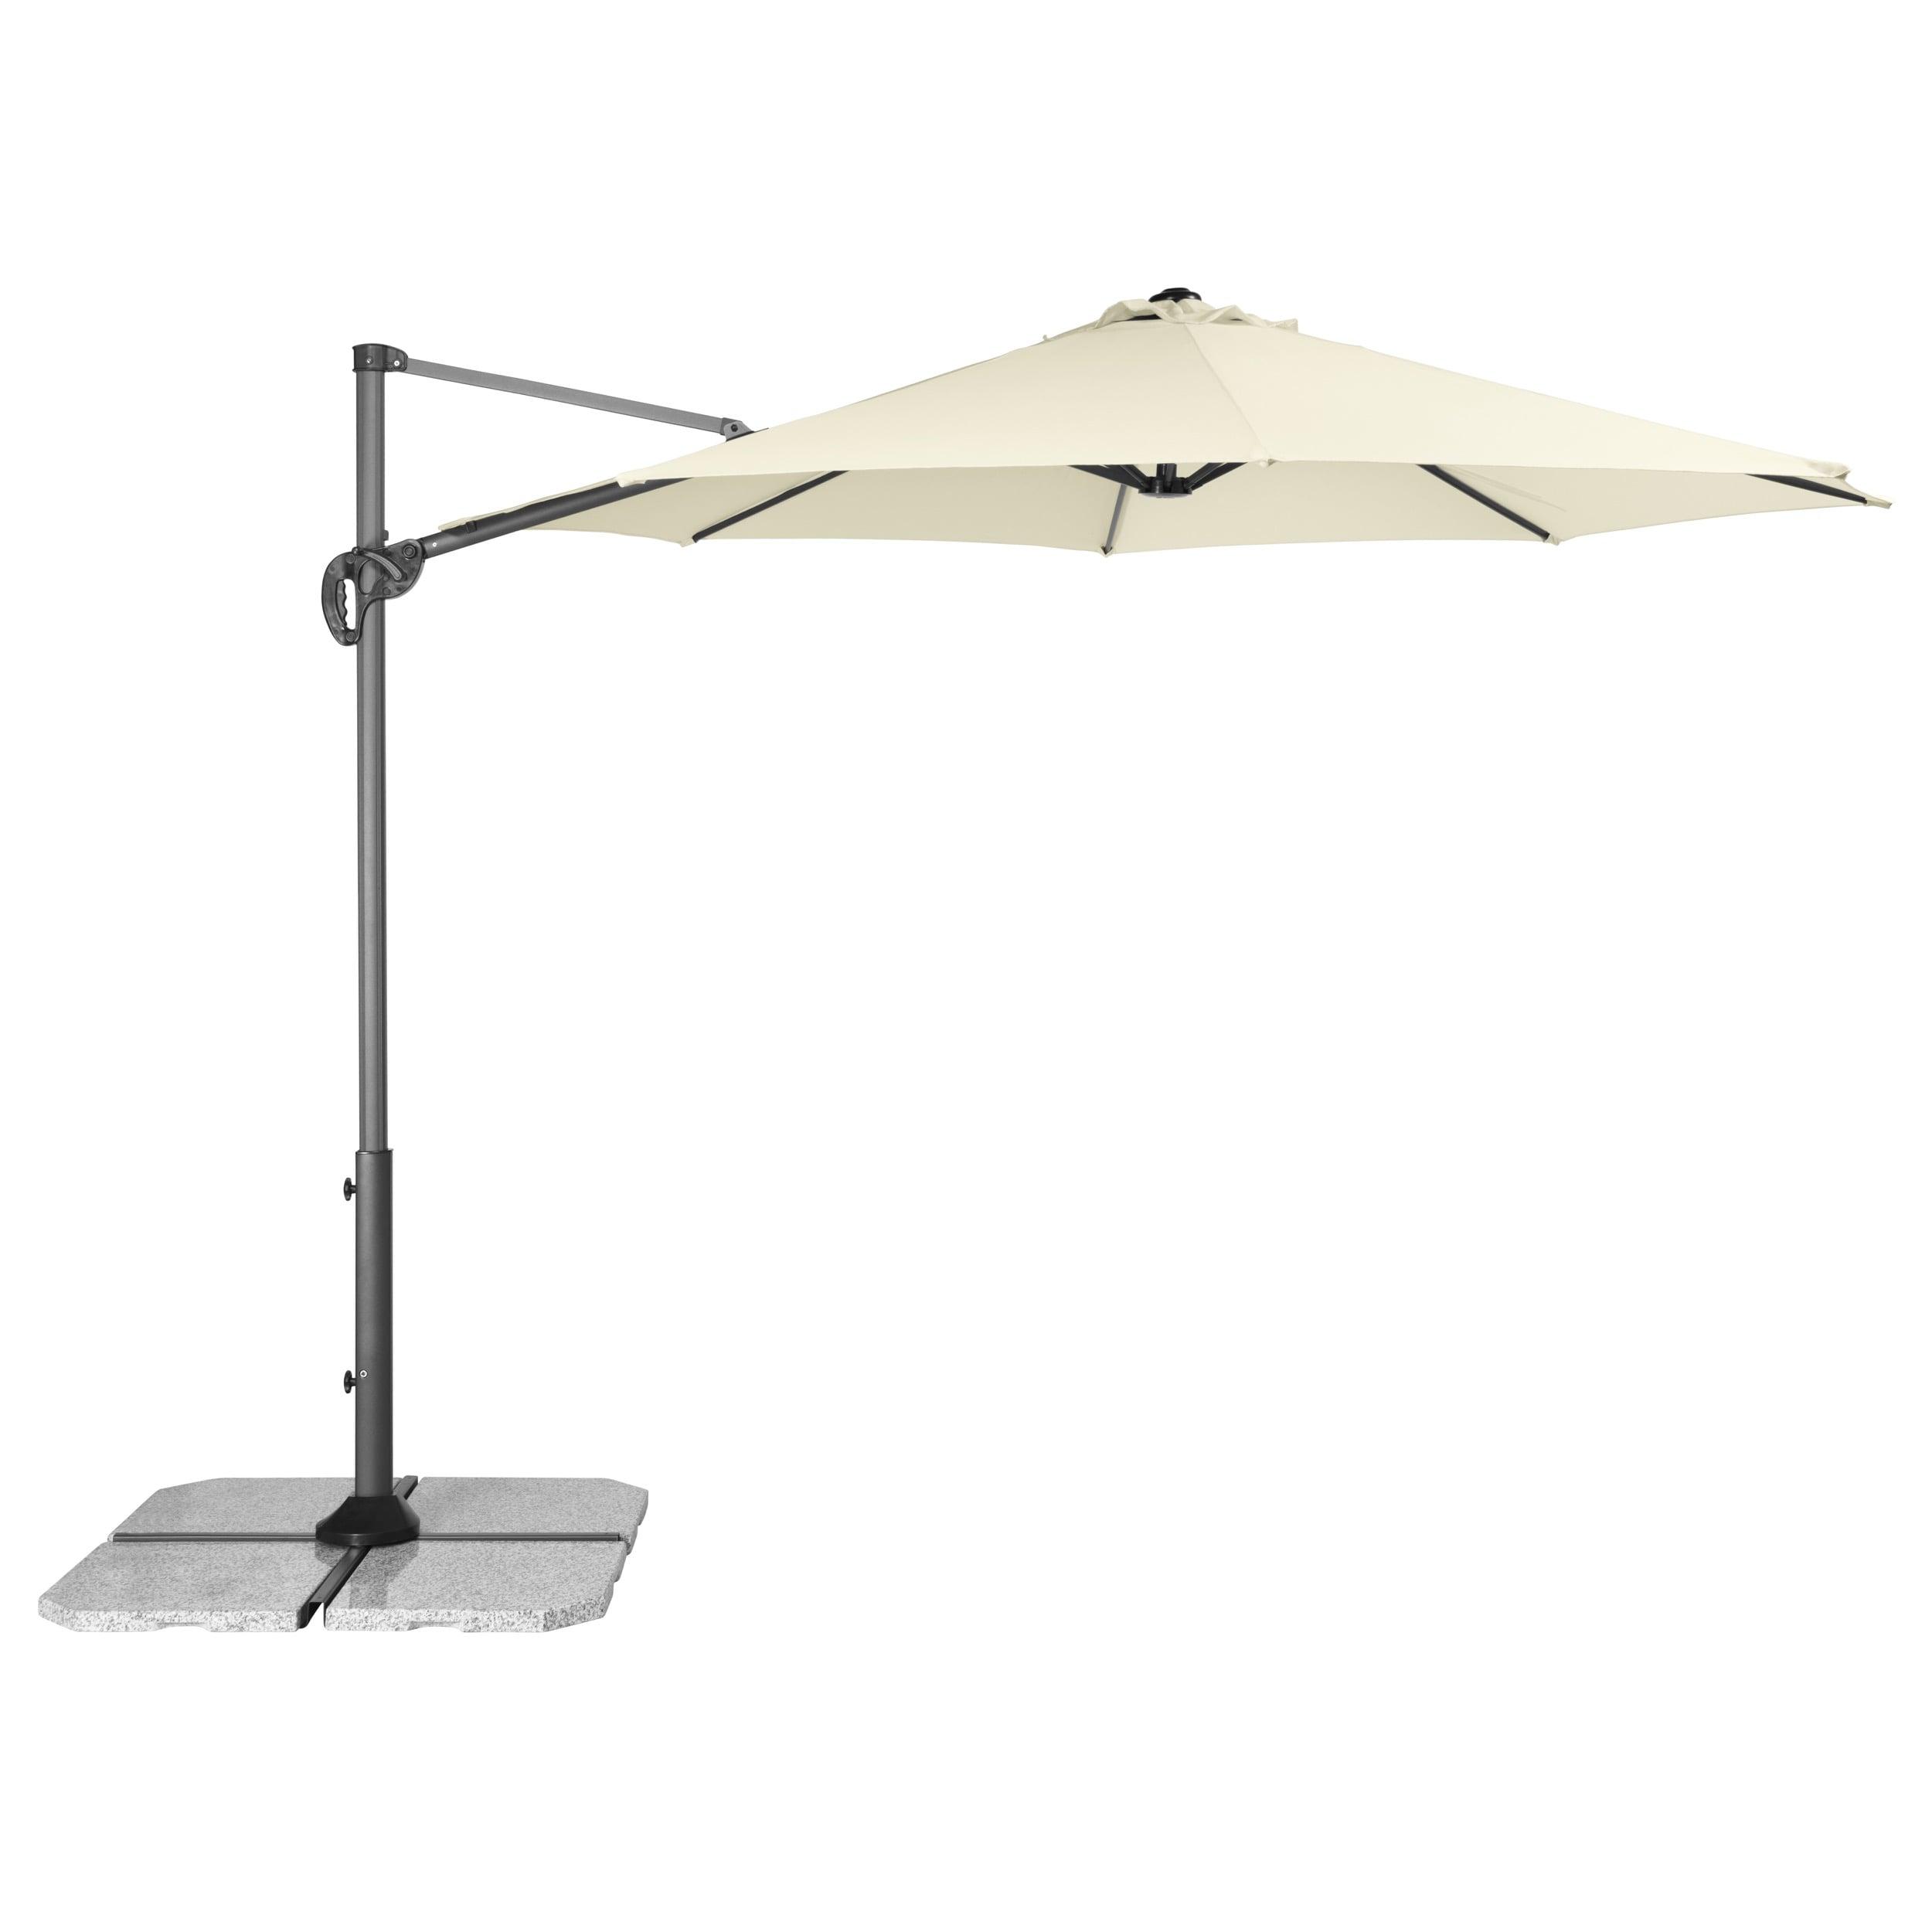 RAVENNA SMART 3 m – zahradní výkyvný slunečník s boční tyčí